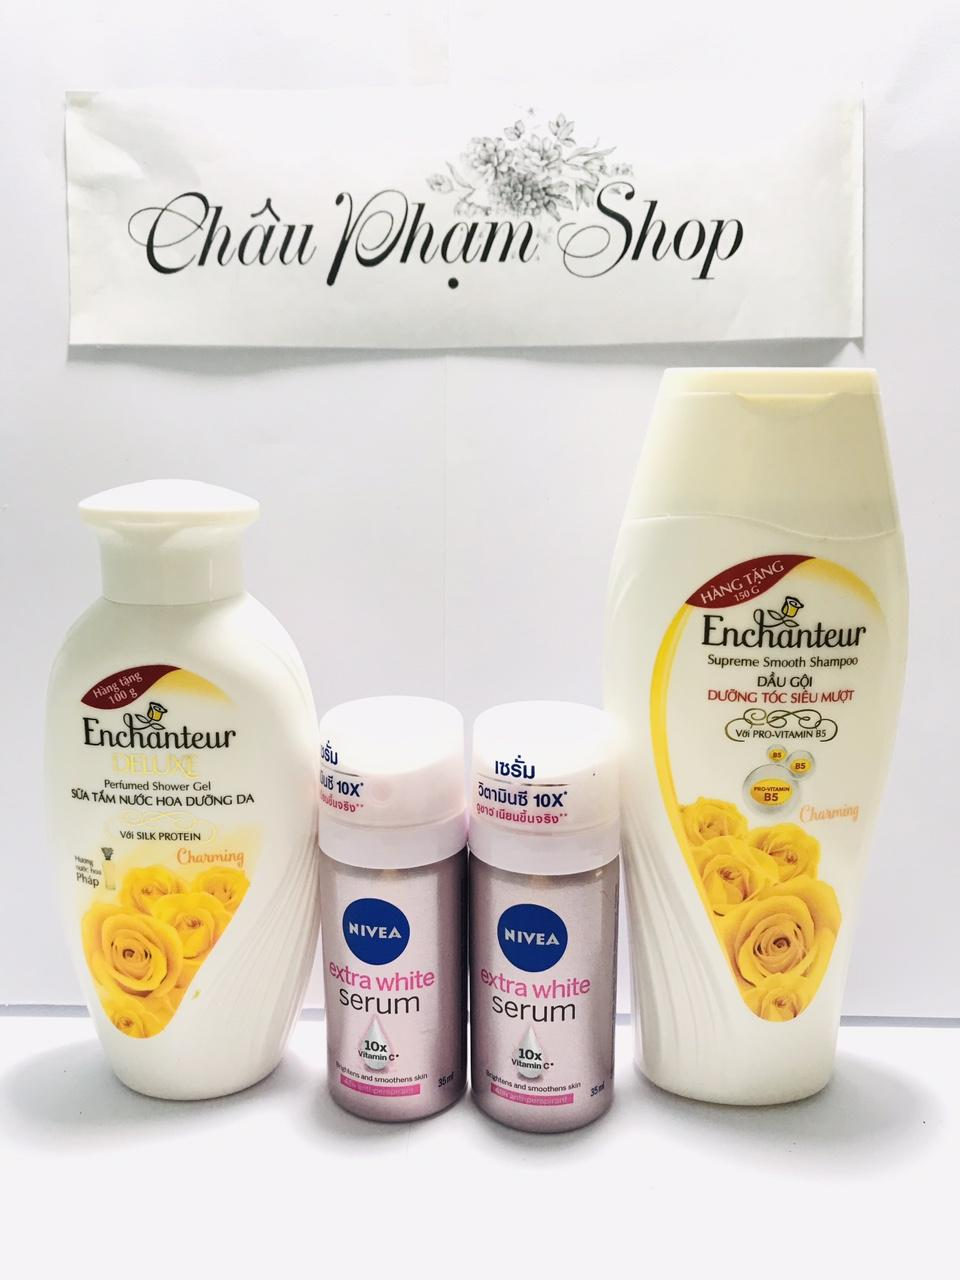 Mua trọn bộ 4 món dành cho nữ : 1chai Sữa Tắm Enchanteur Deluxe + 1chai Dầu Gội Enchanteur Charming + Tặng 2 chai xịt khử mùi serum nivea nữ cao cấp